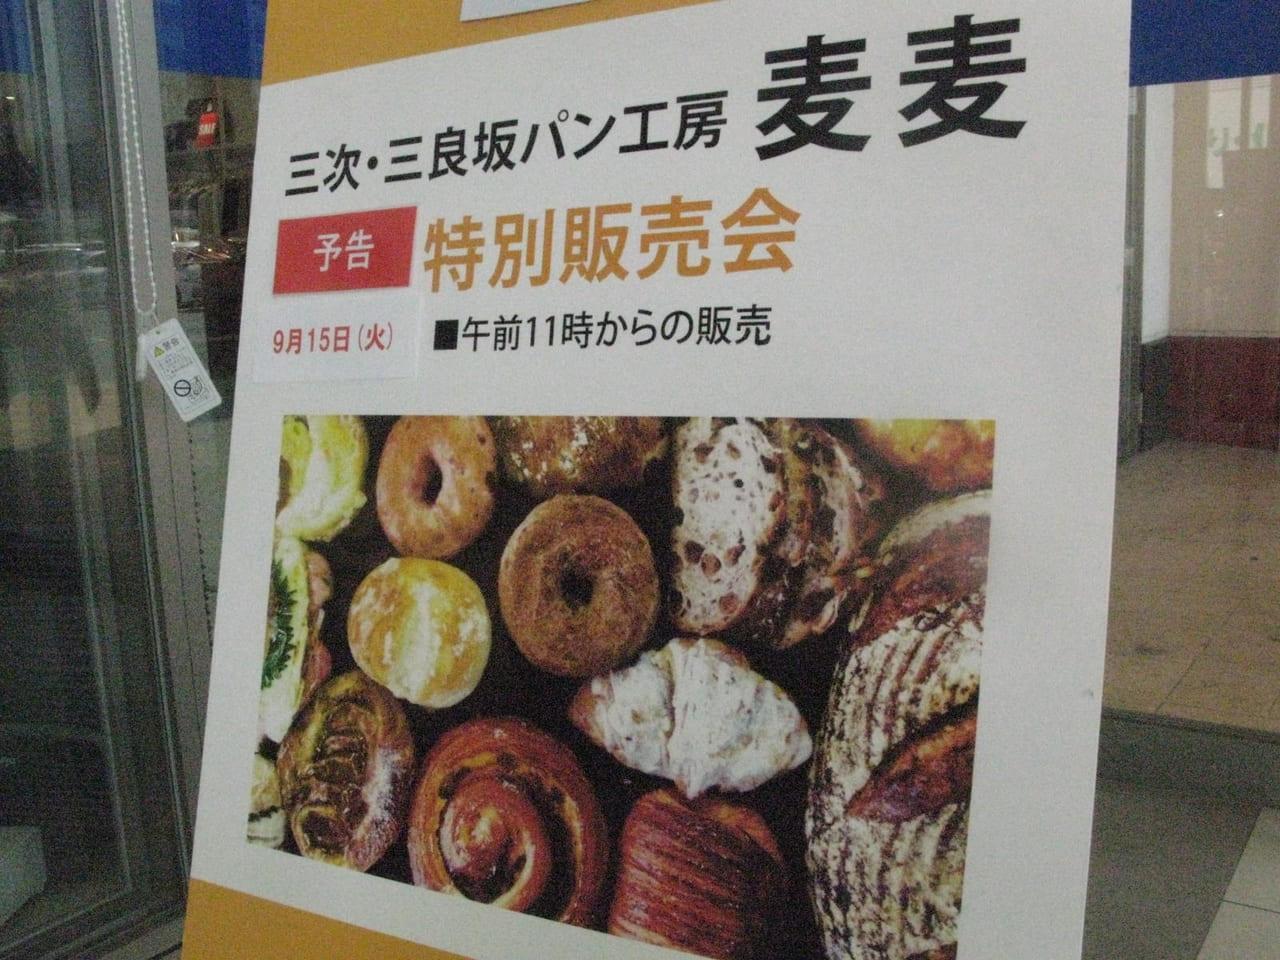 福屋西条店にて、三良坂パン工房麦麦特別販売会の予告